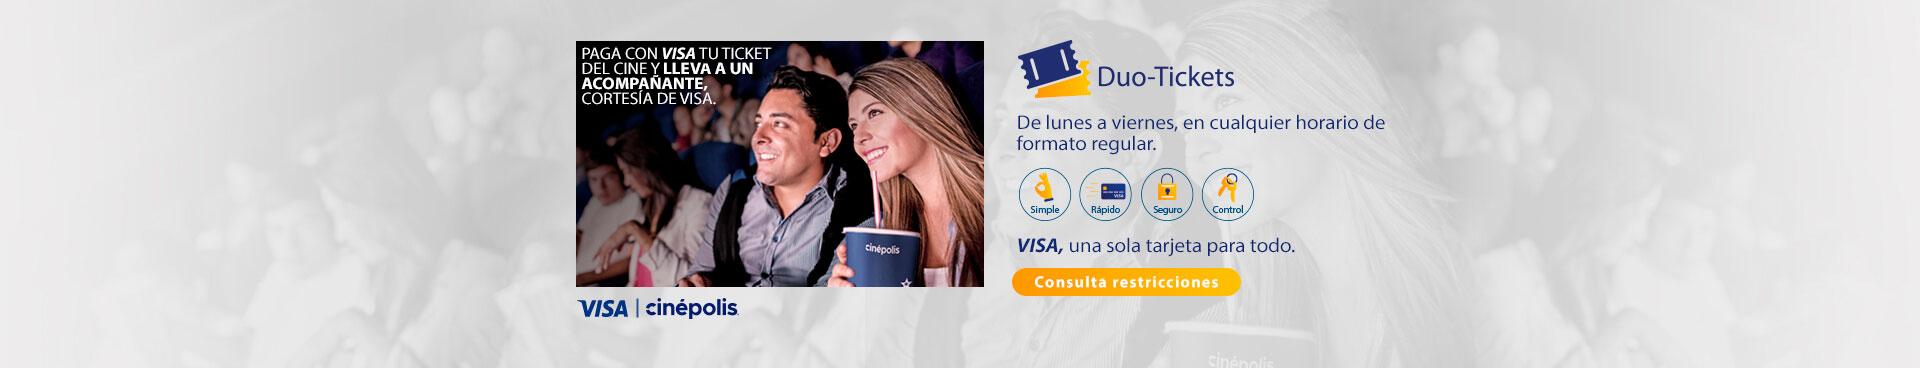 Visa promociones